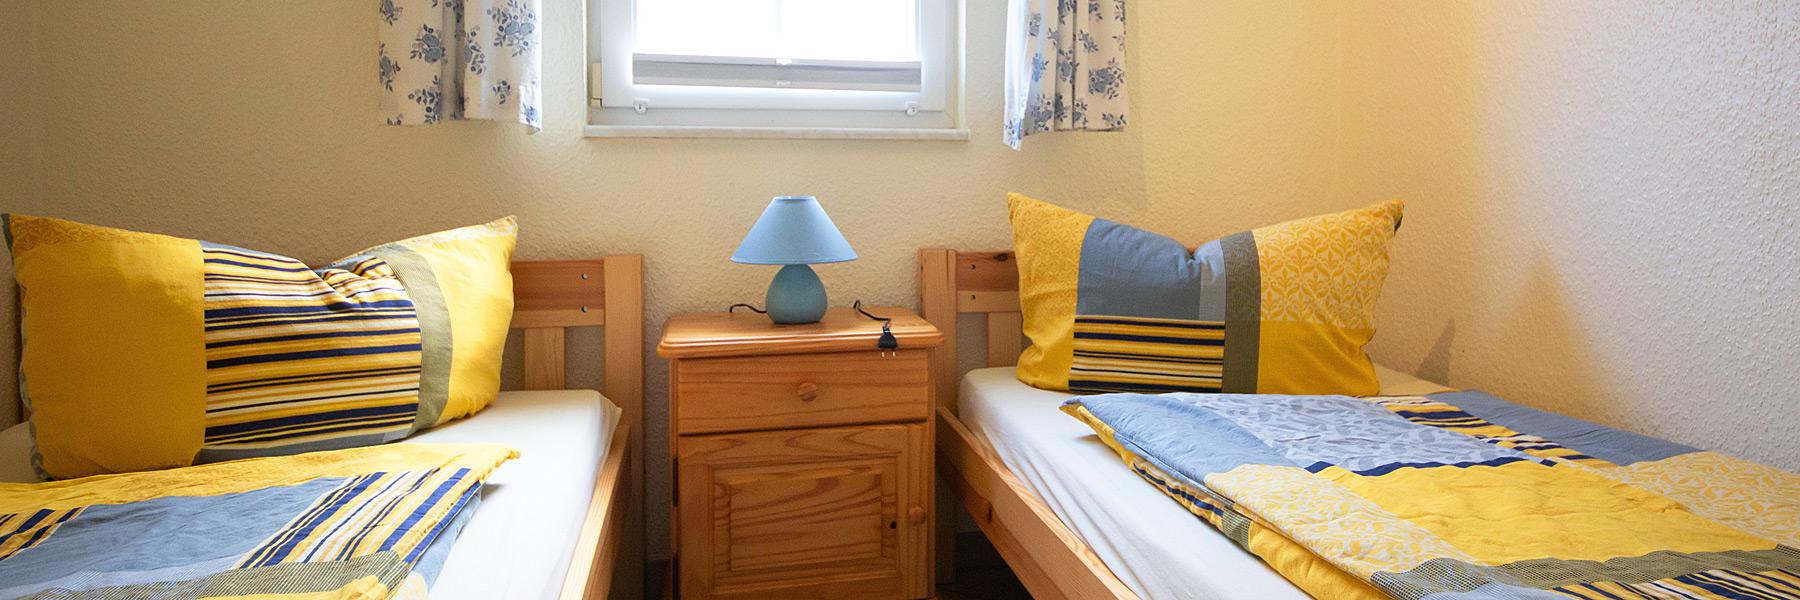 Schlafzimmer - Ferienwohnungen im Fischerhus